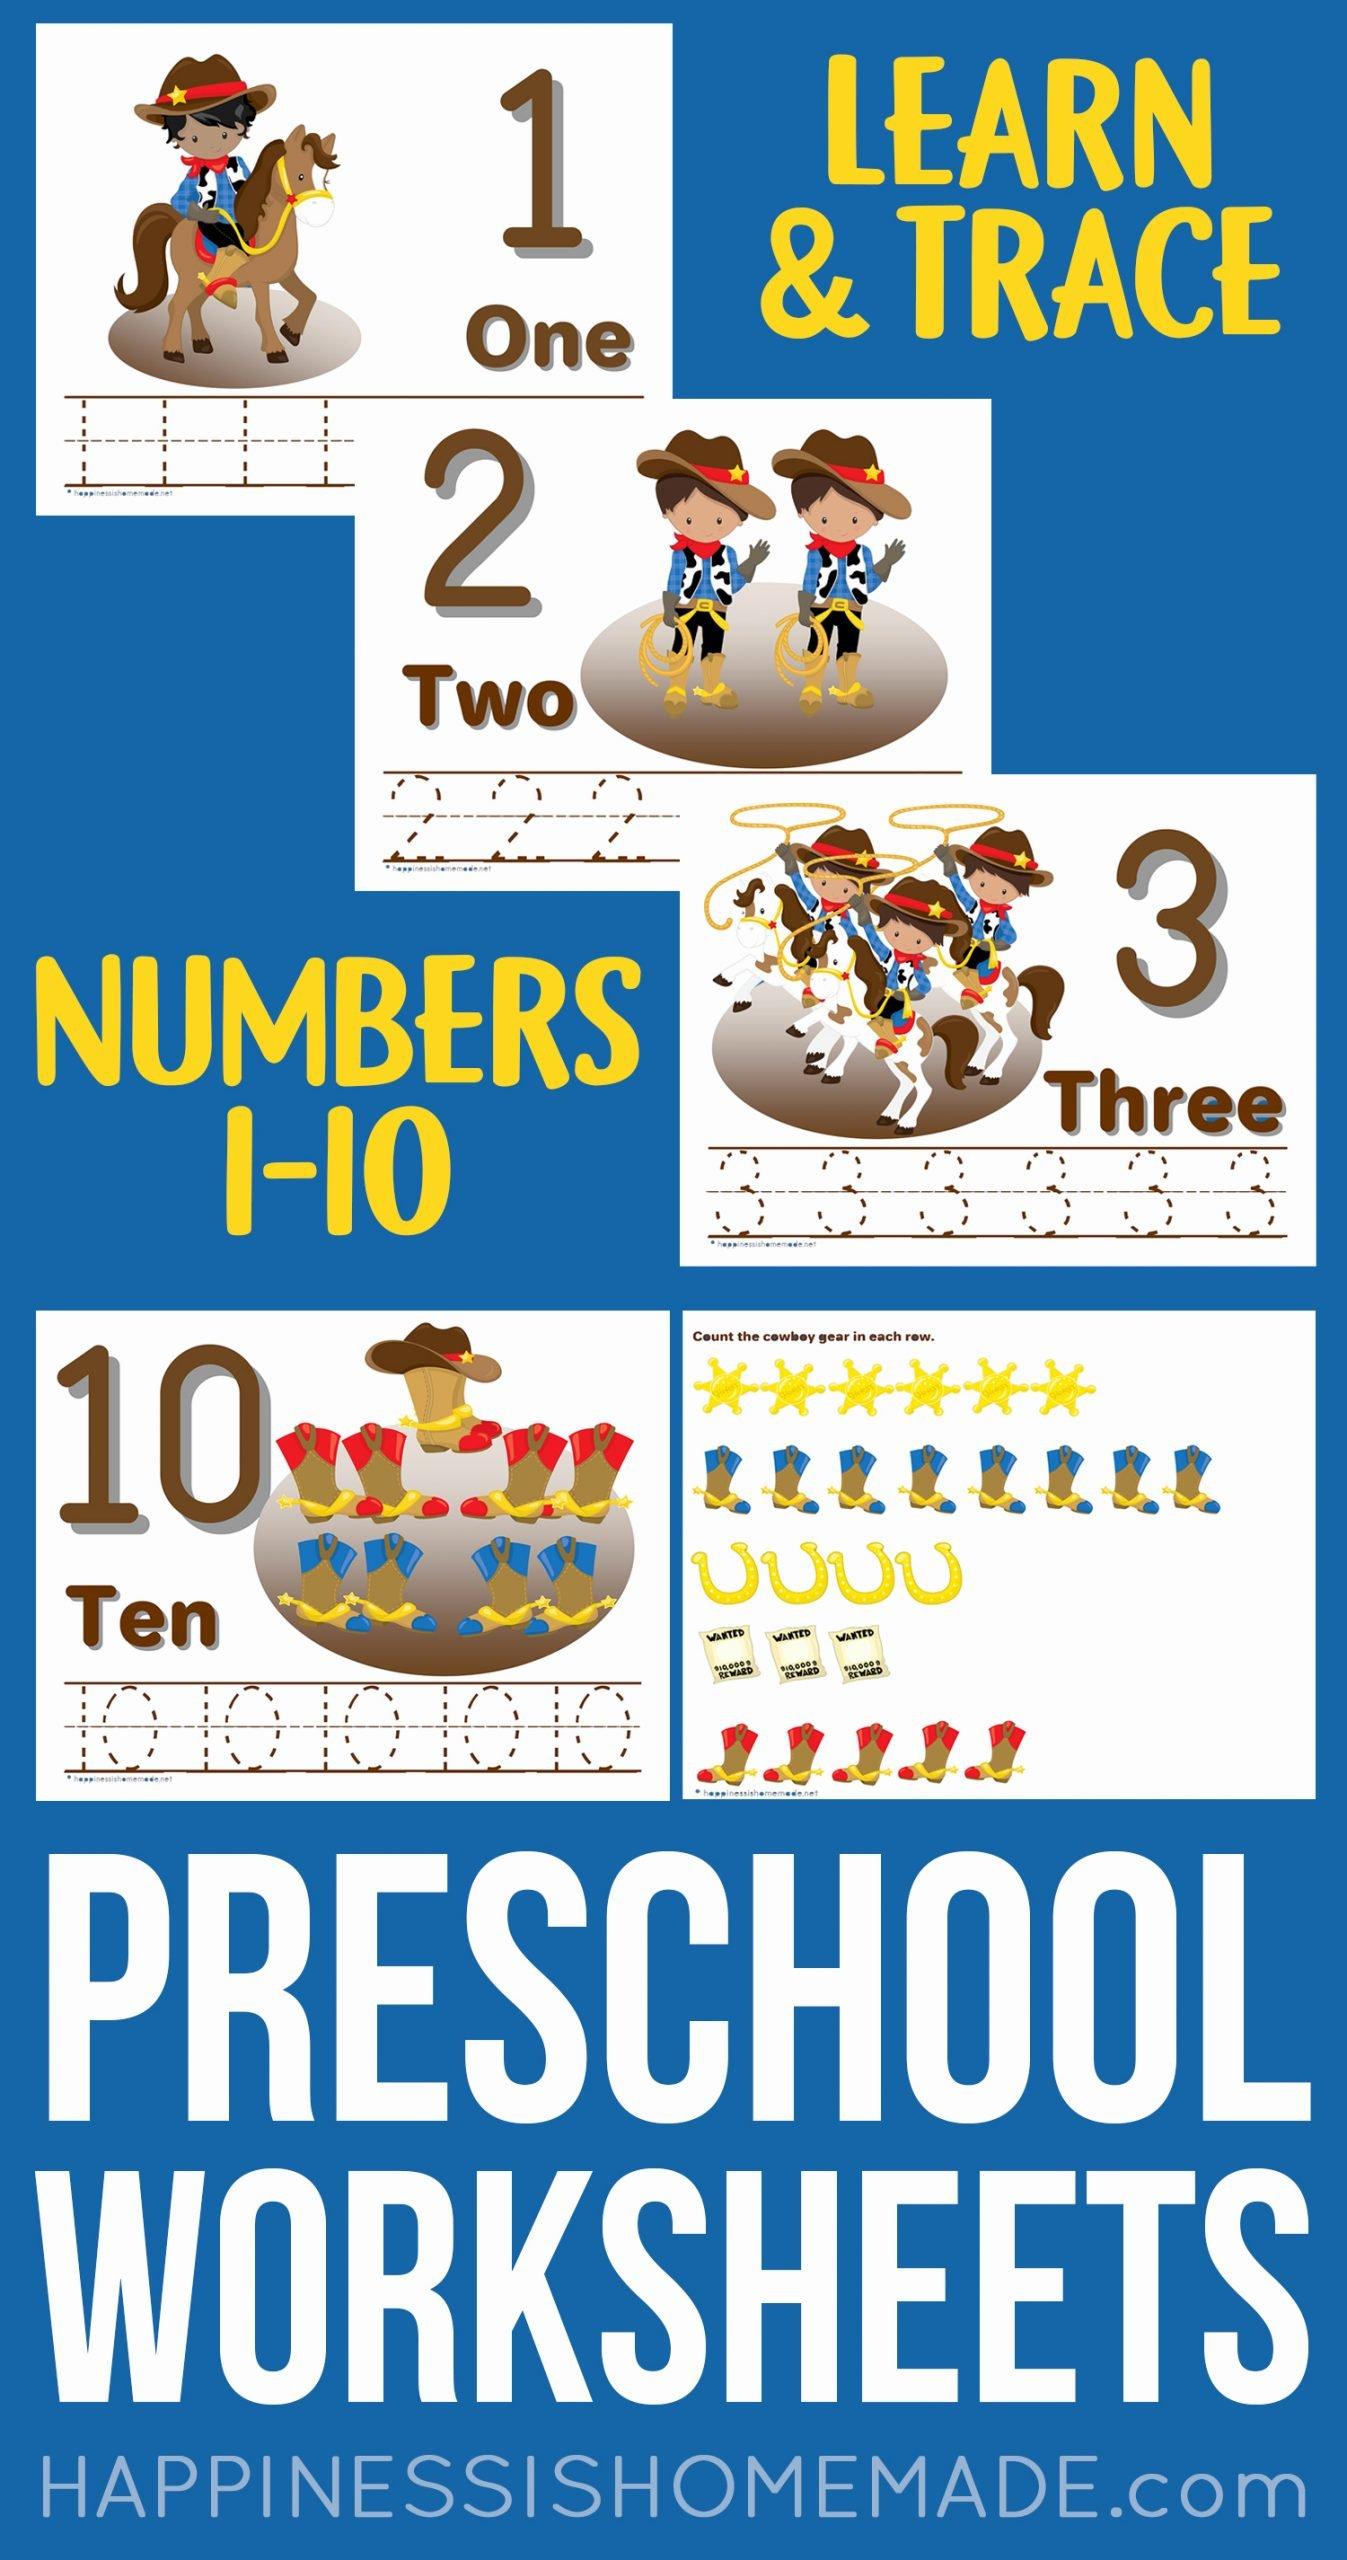 Printable Worksheets for Preschoolers Numbers New Preschool Worksheets Counting & Number Tracing Worksheets